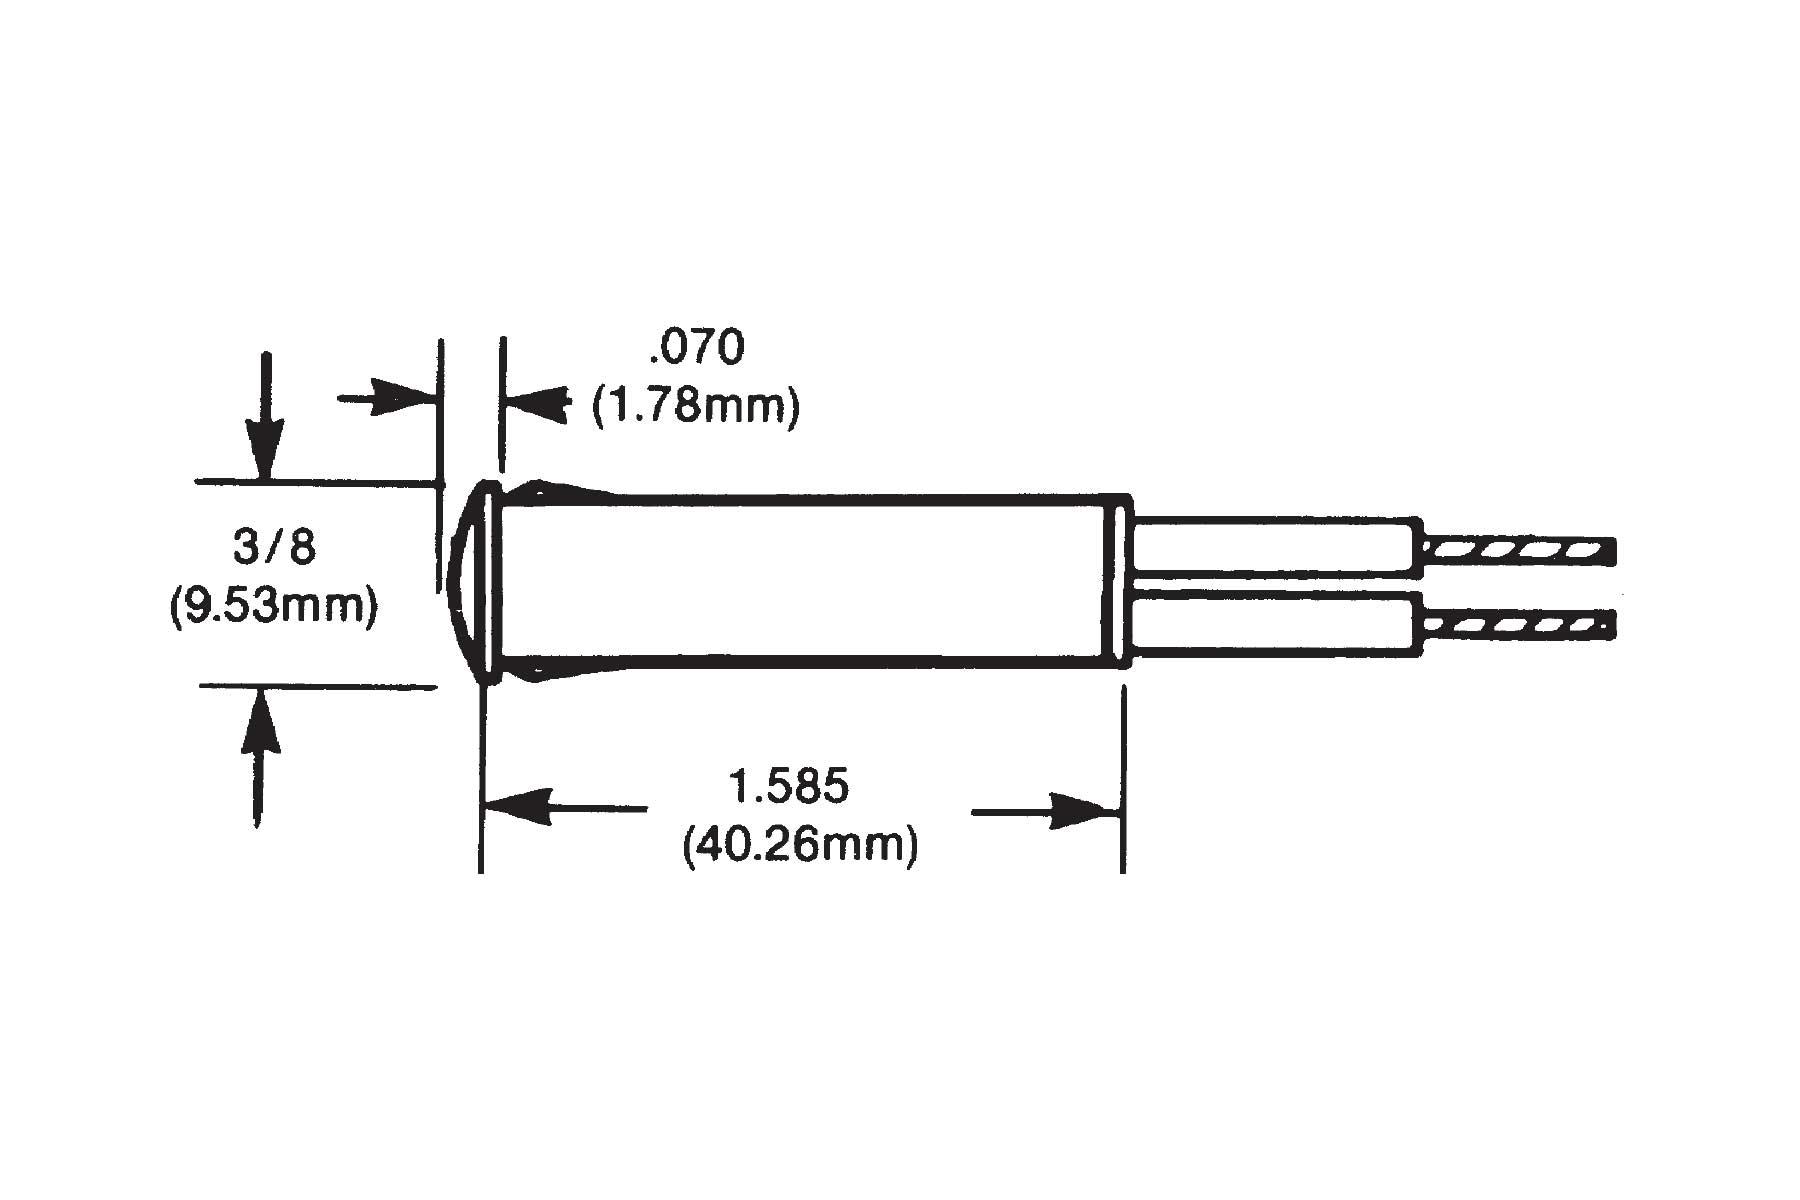 LED Round Indicator Light